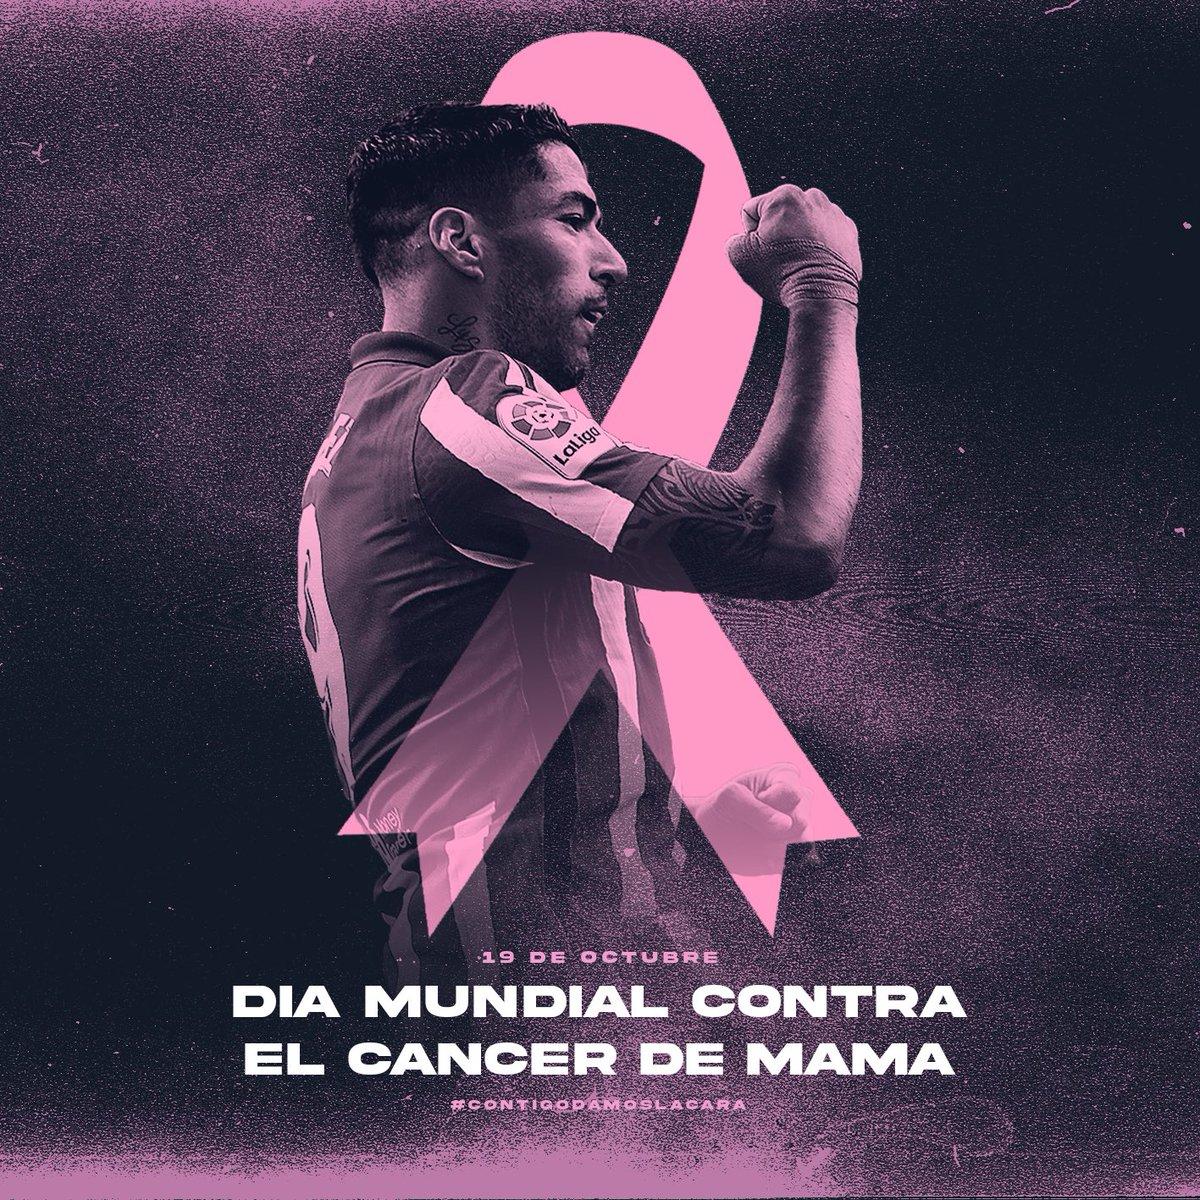 Día mundial contra el Cáncer de mama 💕💕 Mucha fuerza a todas las que luchan día a día! 🙏🙏 #muchafuerzaatodas #siemprepositivas